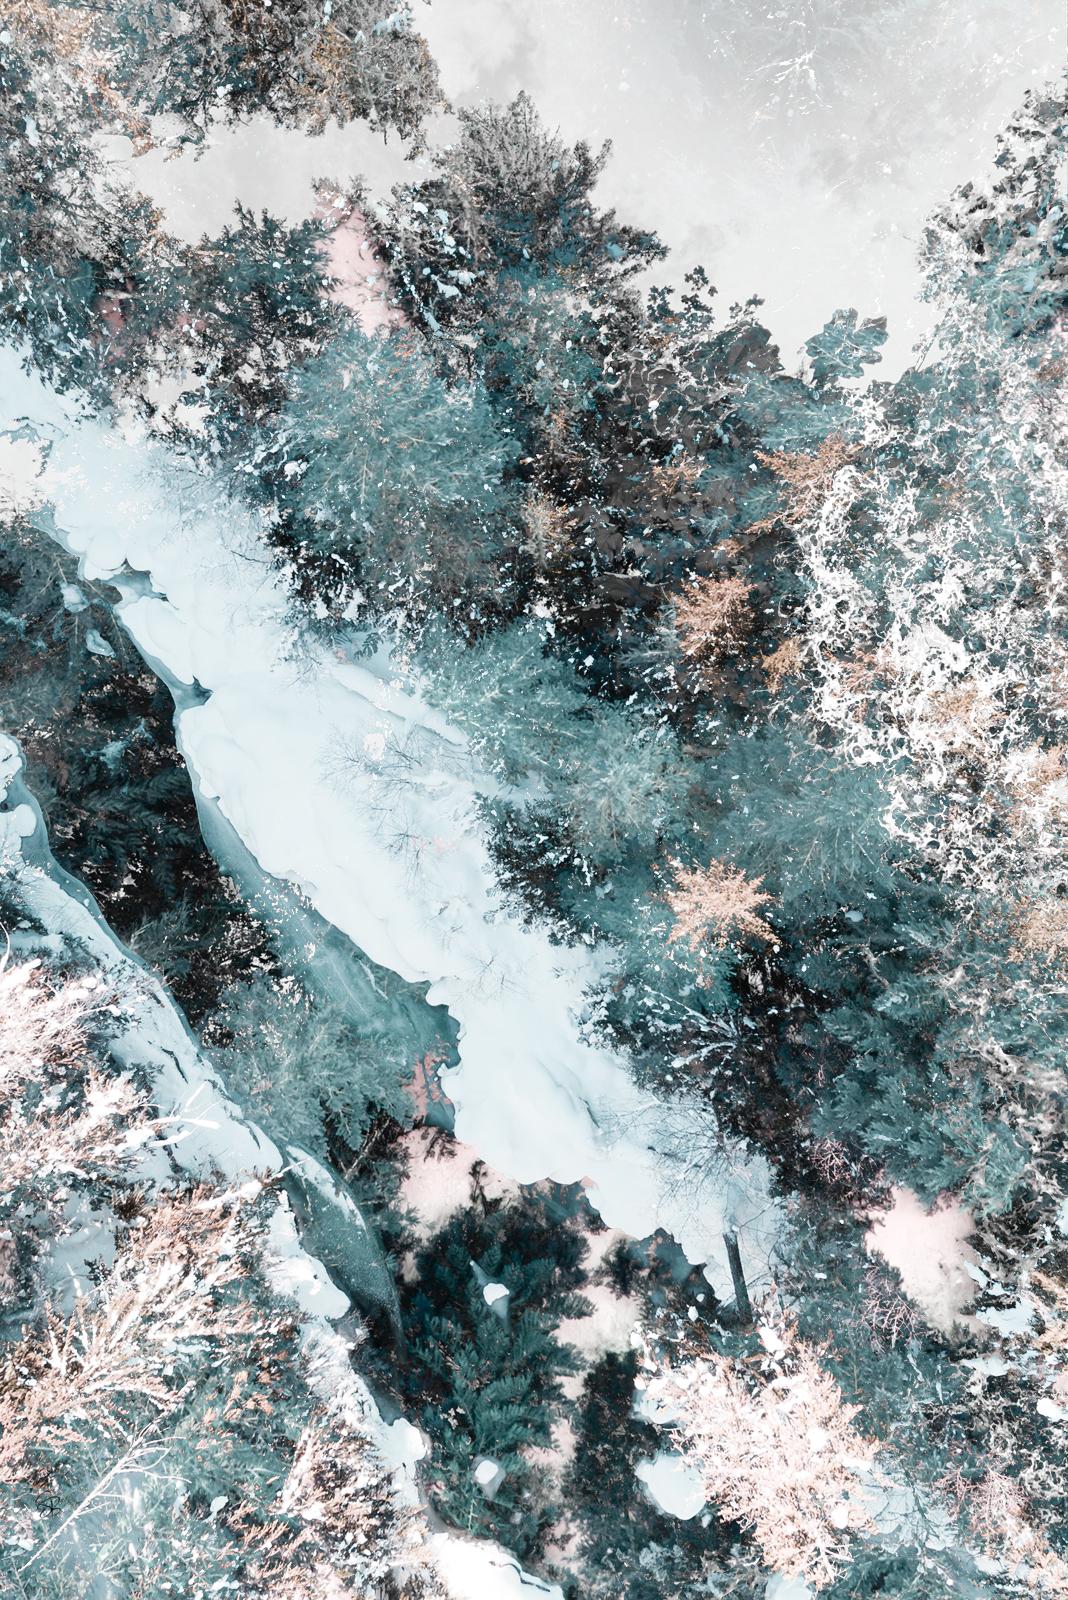 Cheakamus River 1